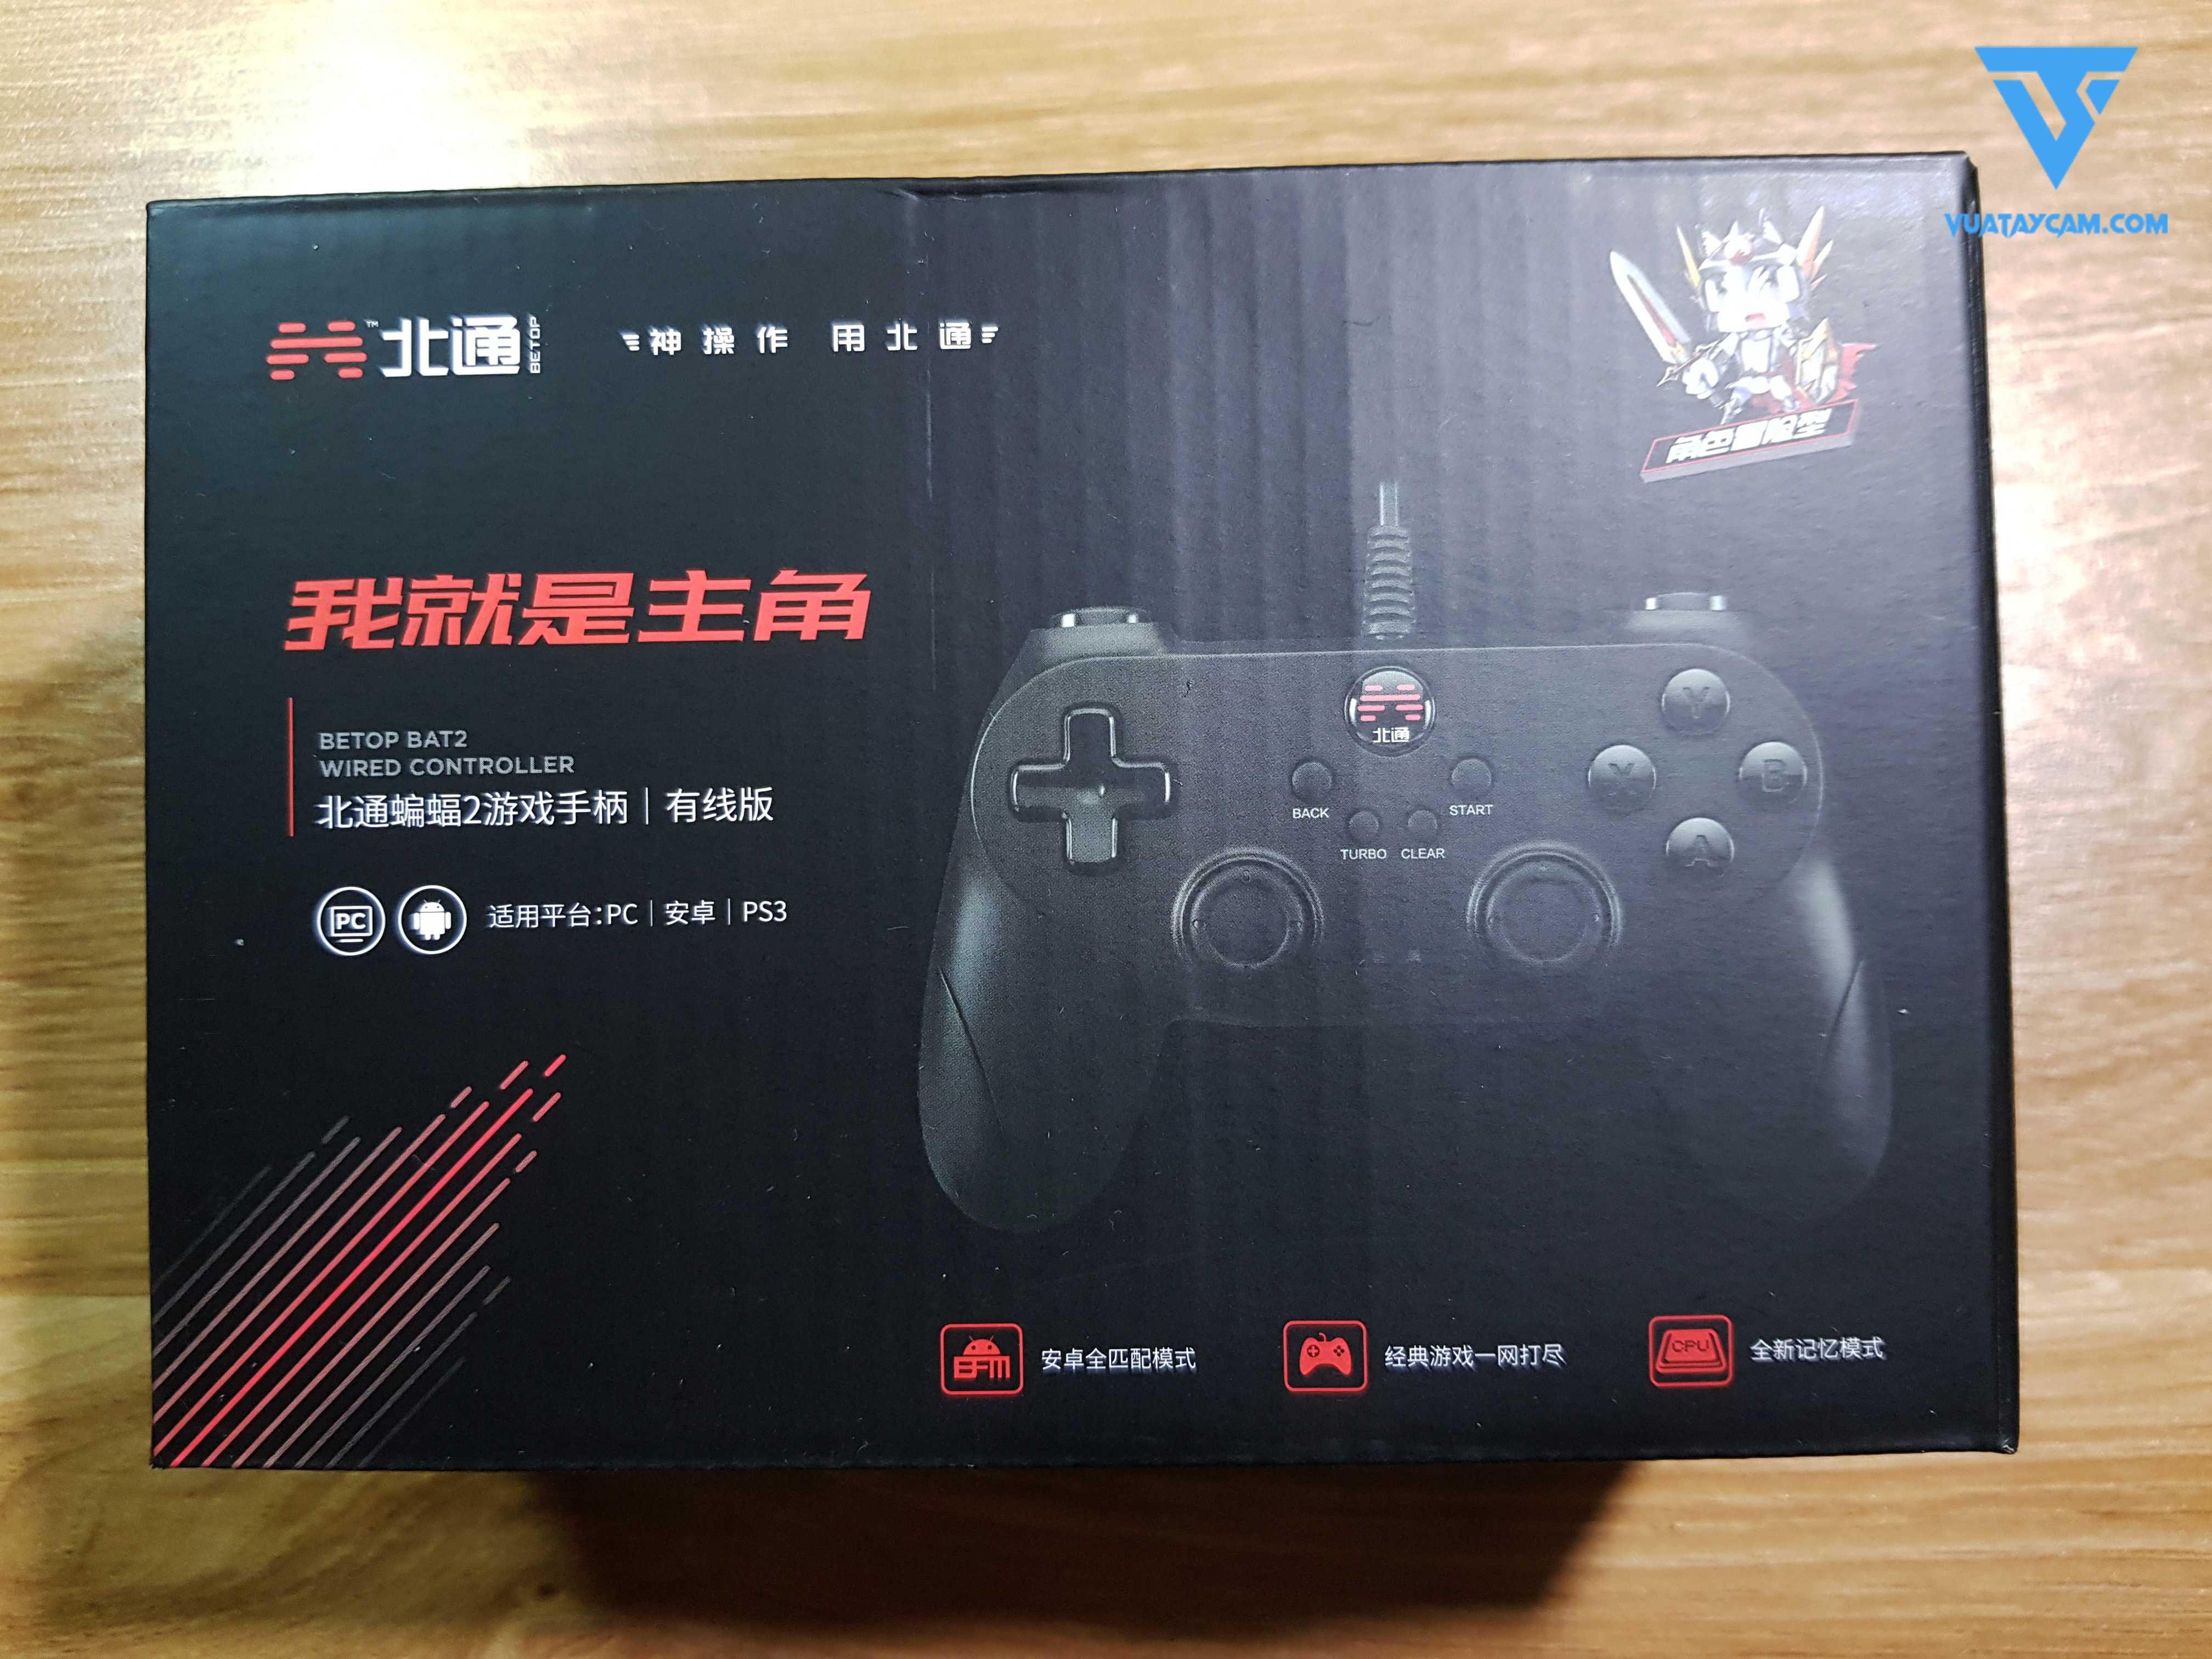 https://api.vuataycam.com/file/1602868355106-479701548-Tay-cam-choi-game-betop-6.jpg